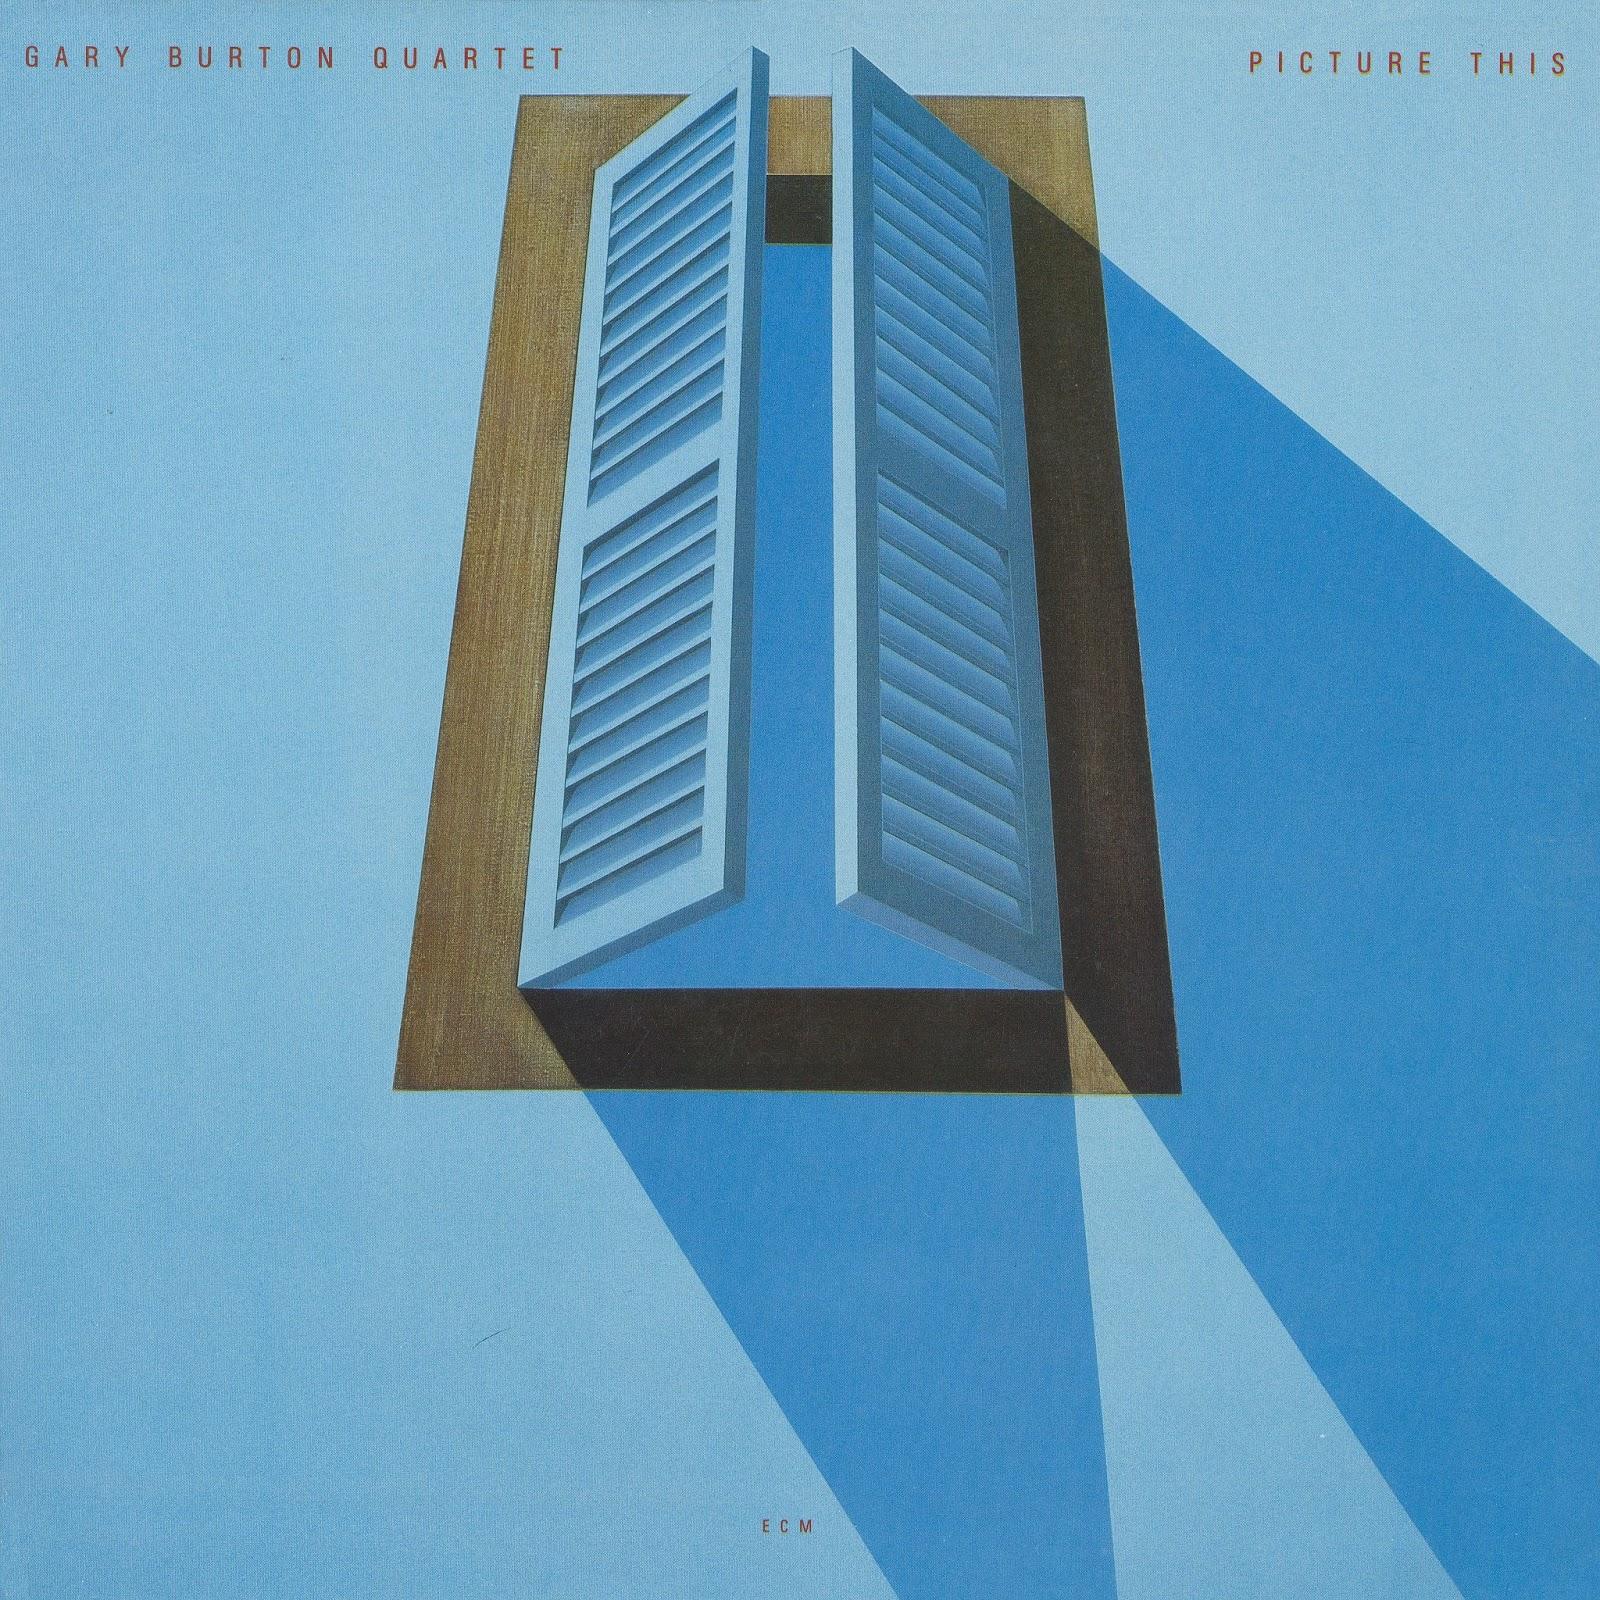 Musica Degradata Gary Burton Quartet Picture This 1982